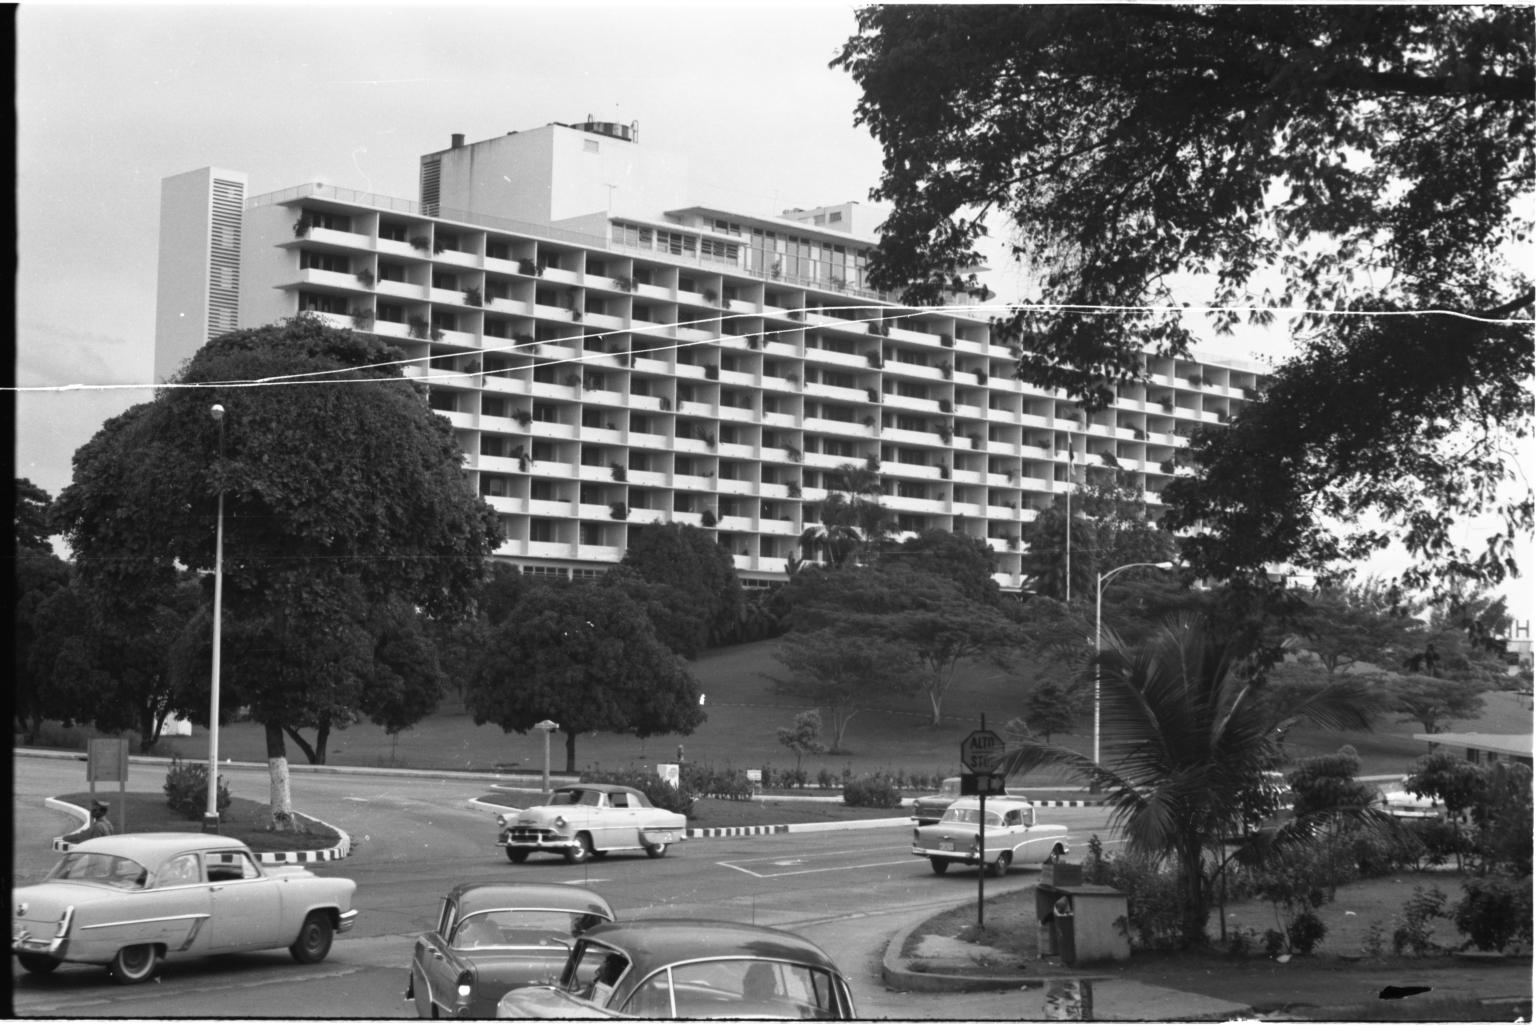 Panama Hilton Hotel